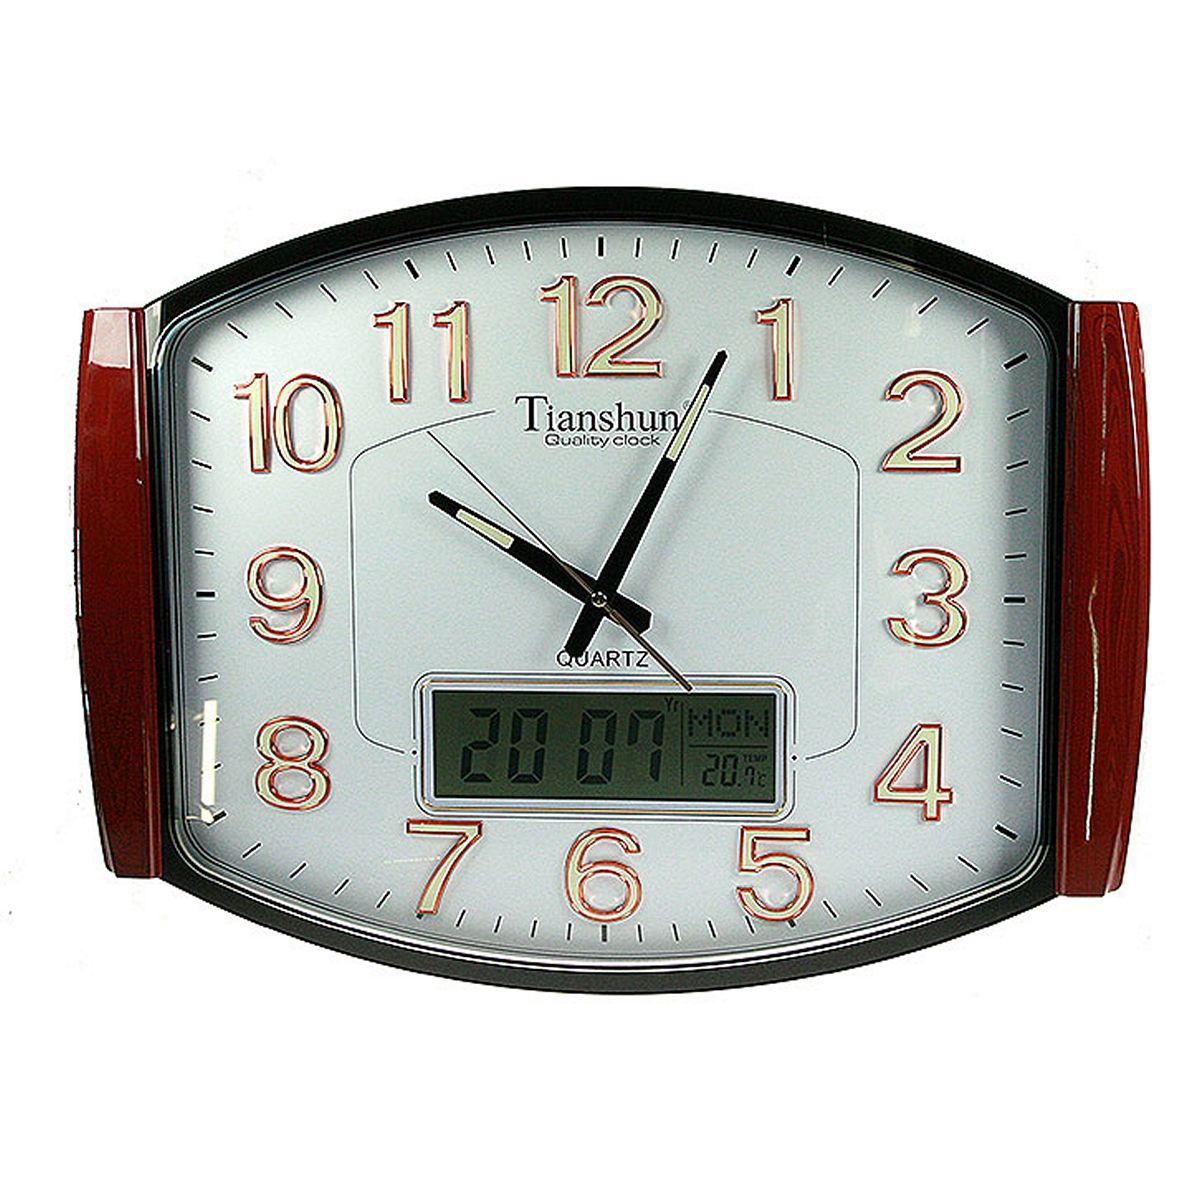 Часы настенные Русские Подарки, с календарем, термометром, электронными часами, 59 х 44 см. 148107148107